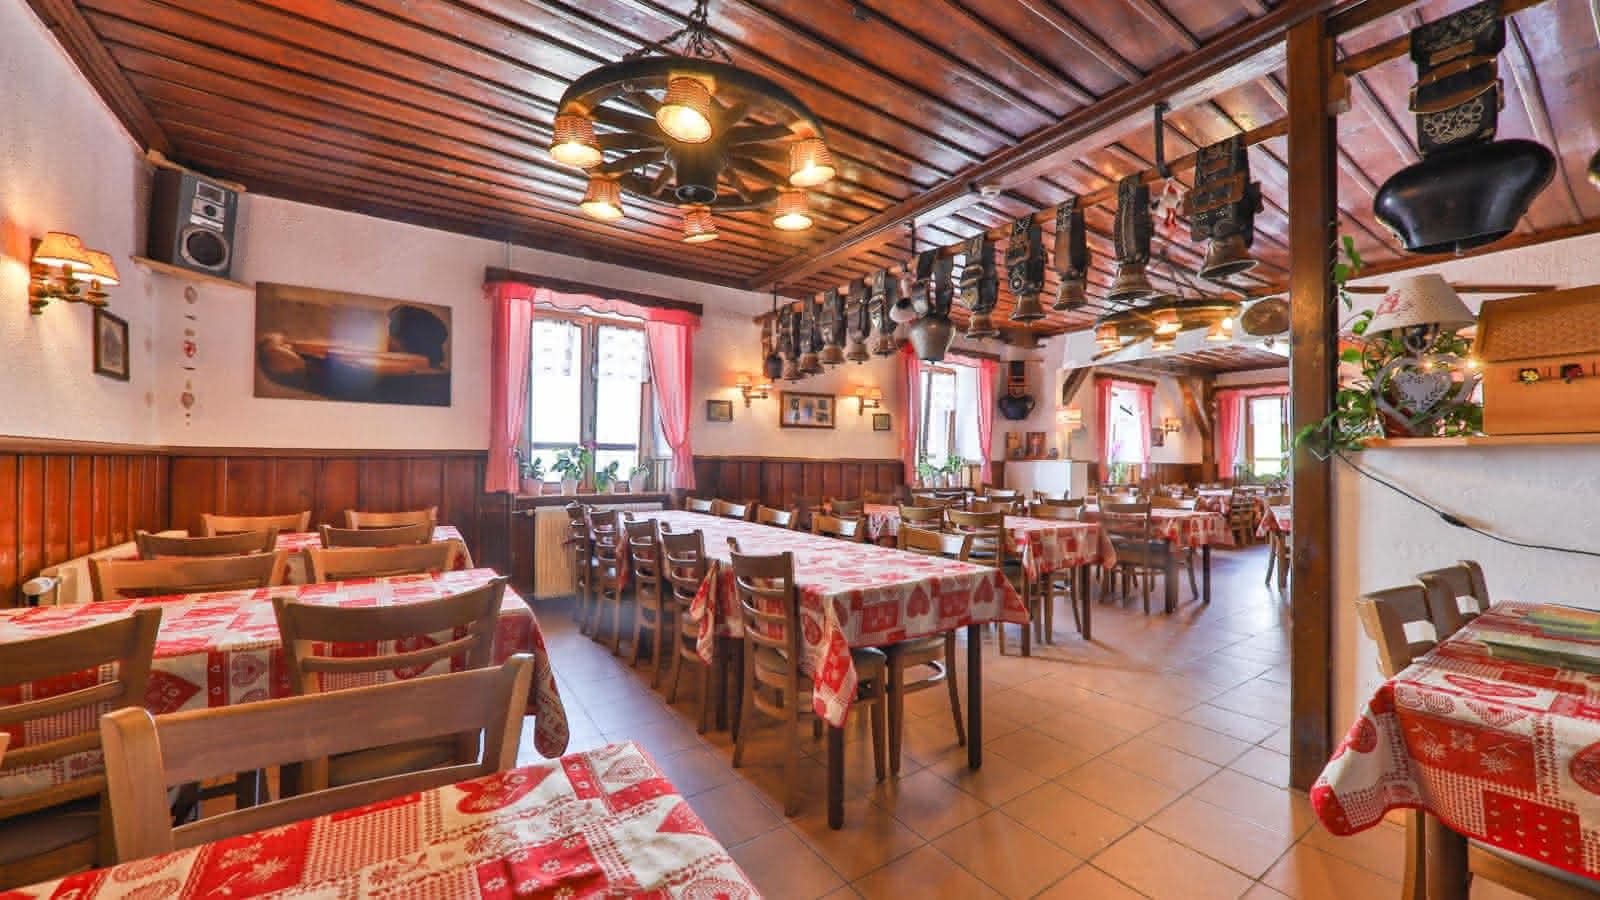 Ferme Auberge Rothenbrunnen   Sondernach   Visit Alsace